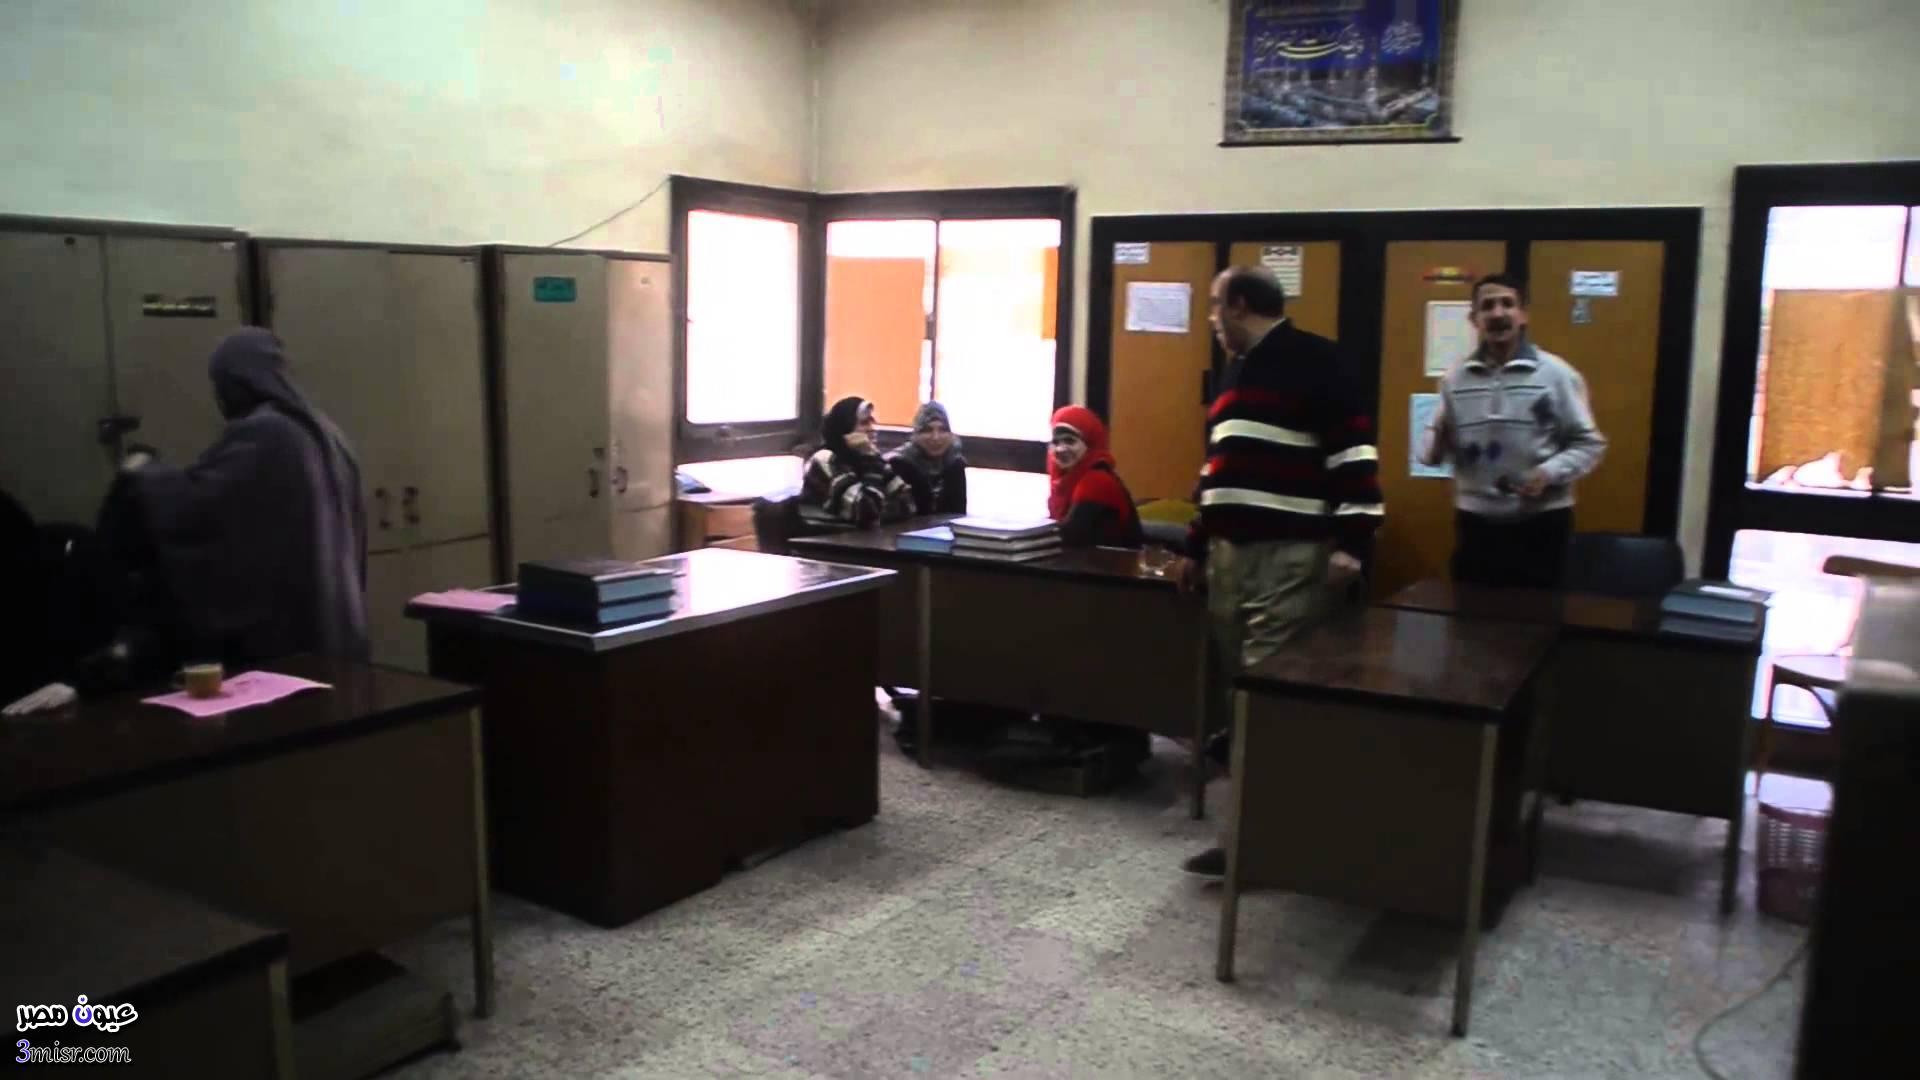 نتيجة وظائف مسابقة وزارة العدل الشهر العقاري 2016